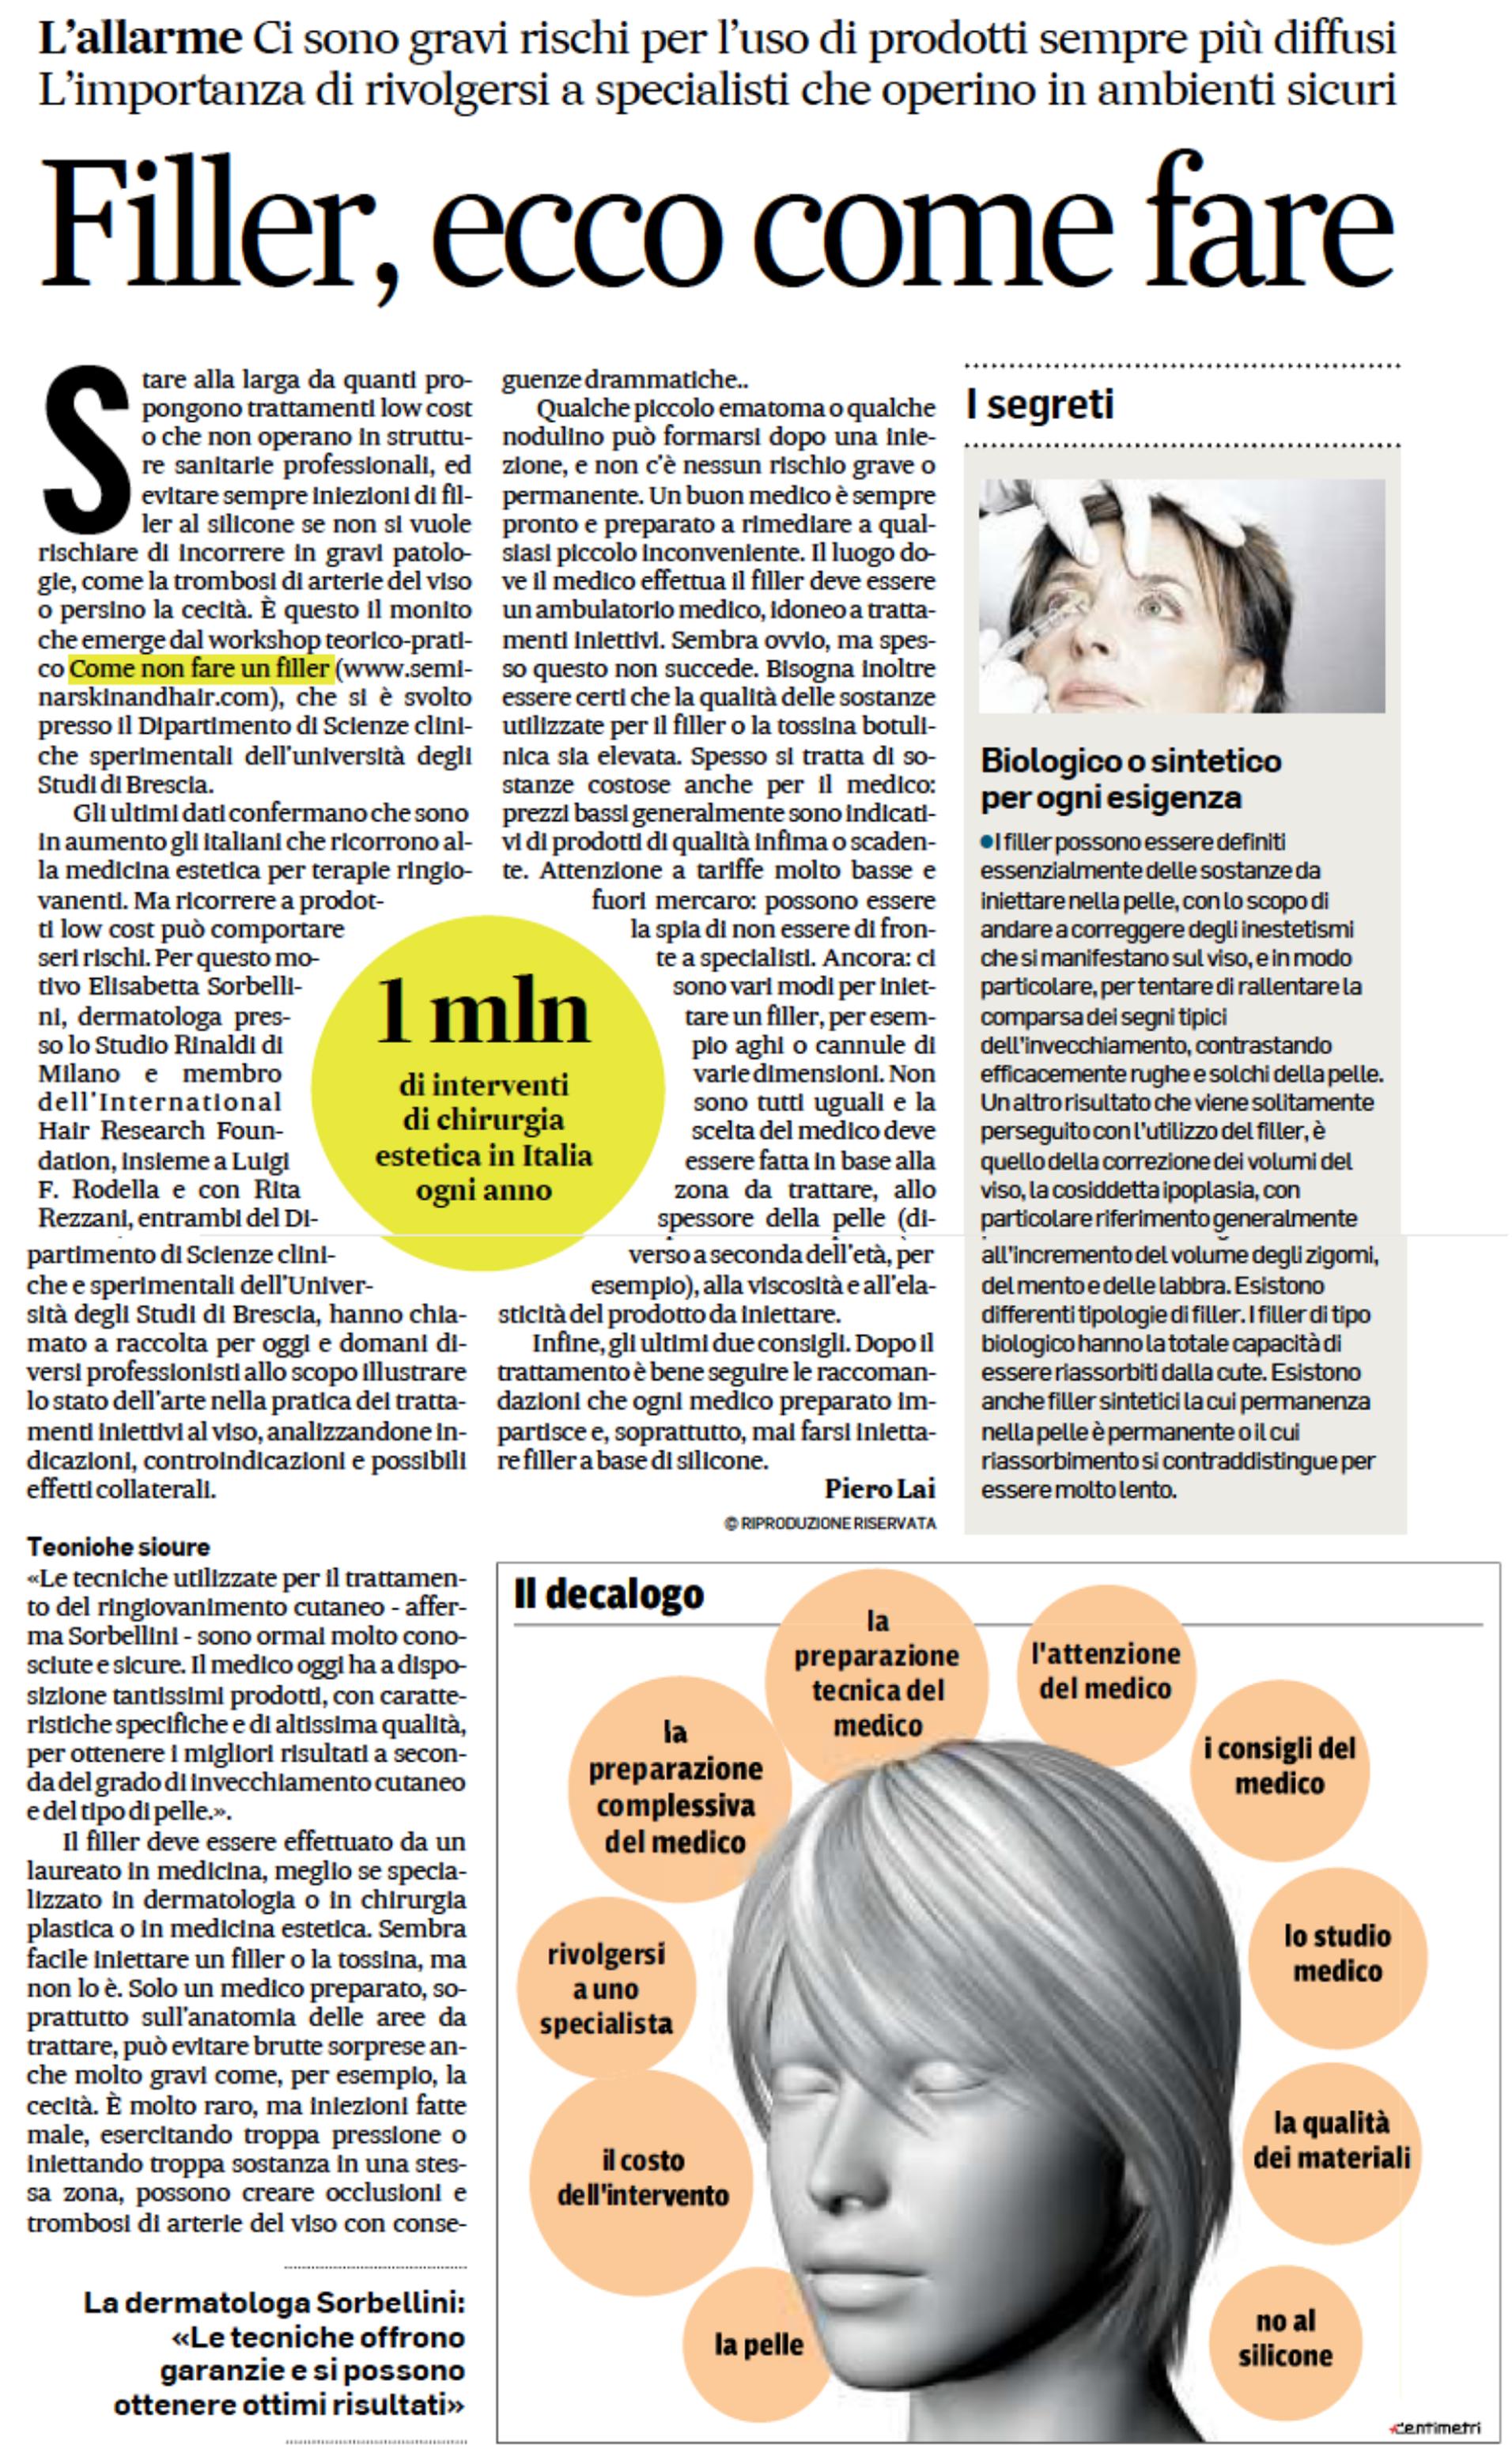 Dottoressa Elisabetta Sorbellini inteviene sui filler per Salute e Fitness su Corriere Adriatico